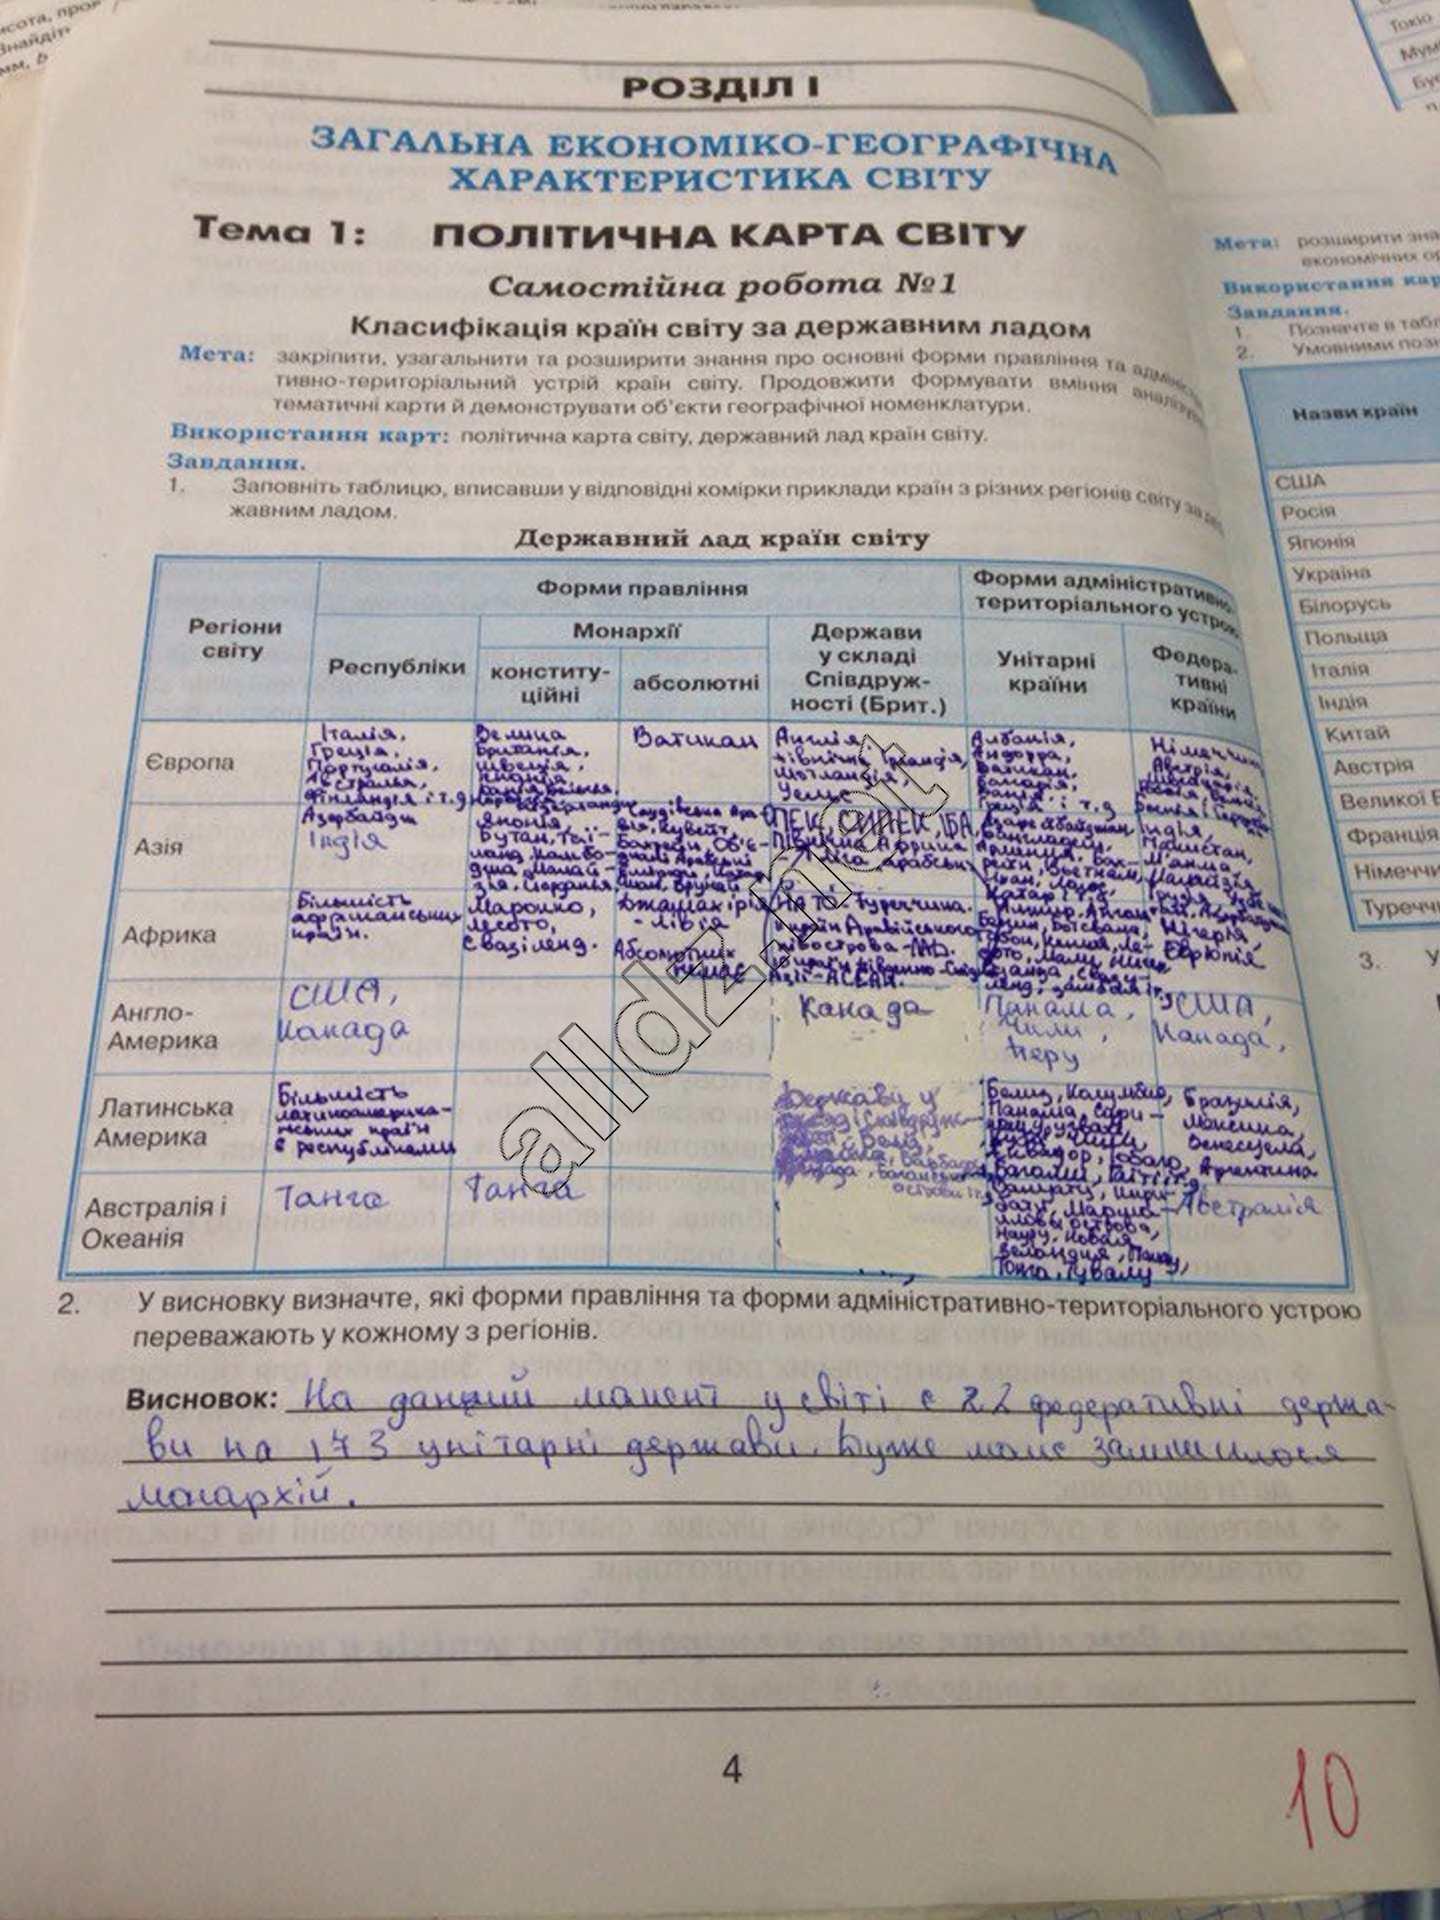 Коберник коваленко 10 класс ответы тестов